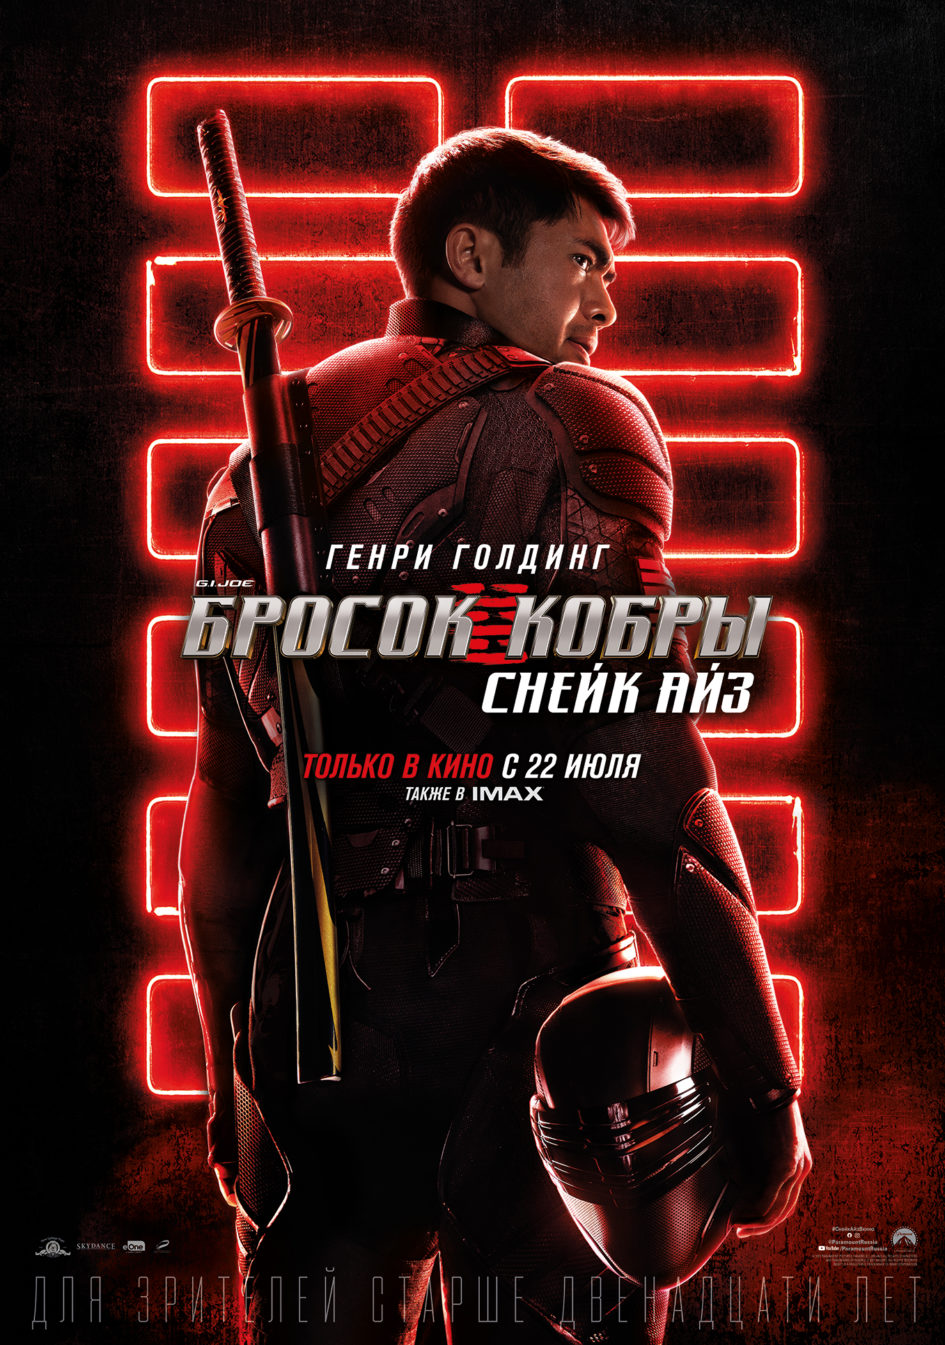 G. I. Joe. Бросок кобры: Снейк Айз (2021) - песни из фильма